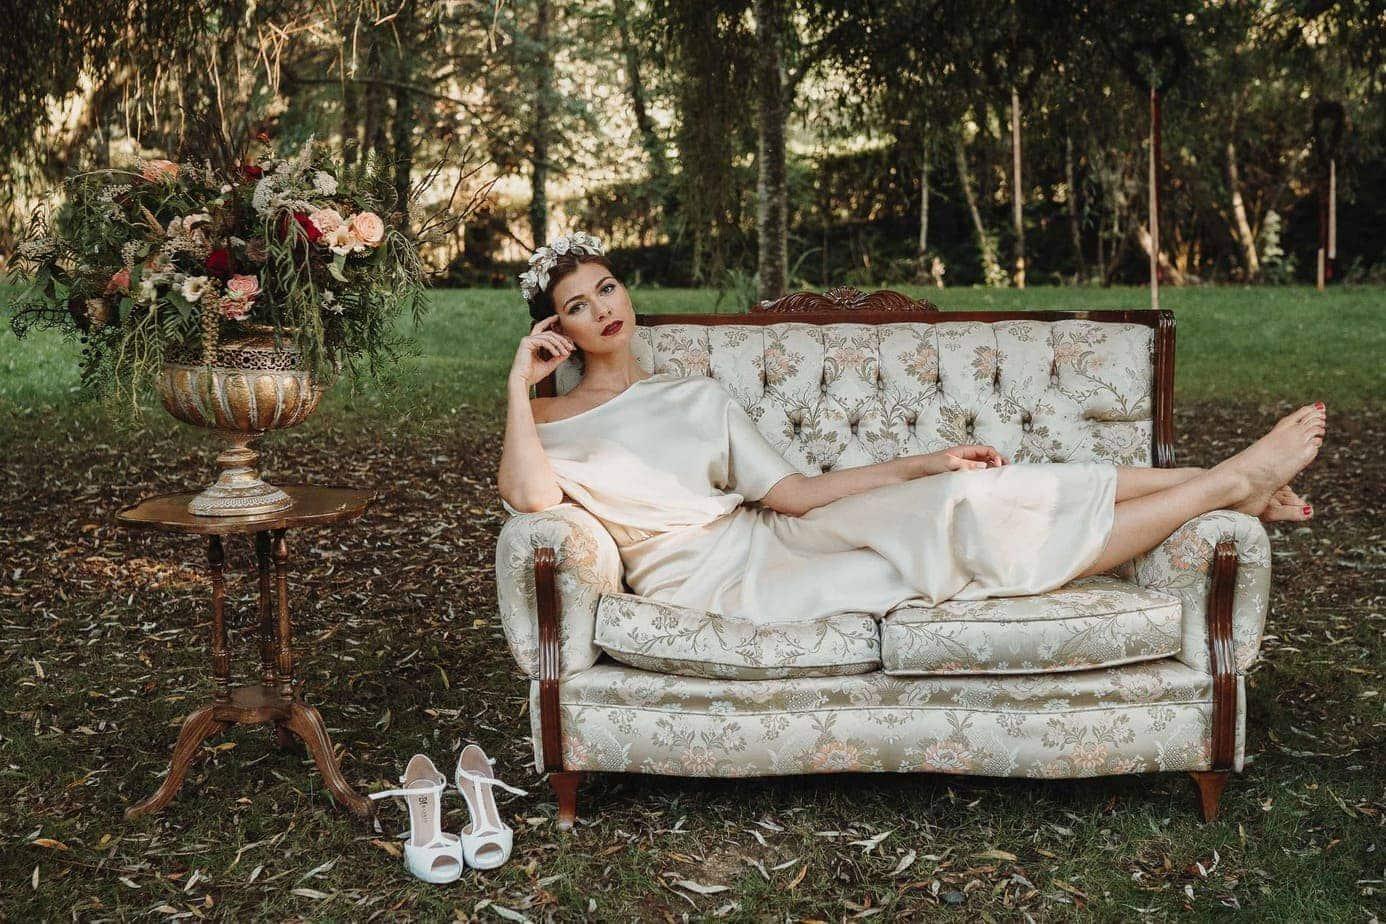 fotografo-bodas-A-quinta-da-auga